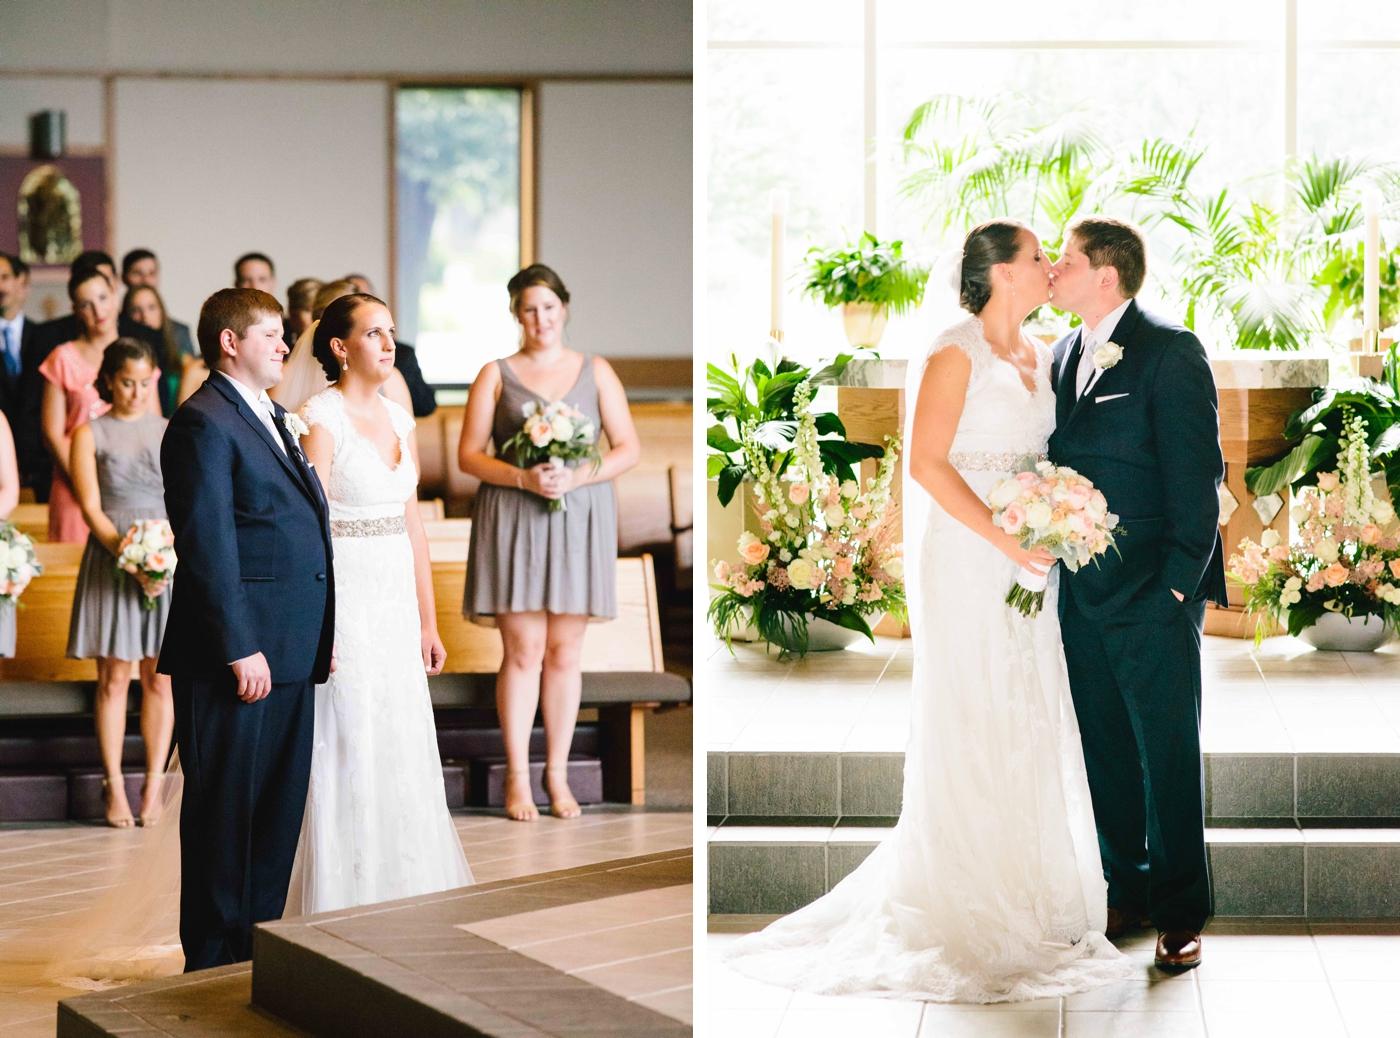 chicago-fine-art-wedding-photography-neuendank18